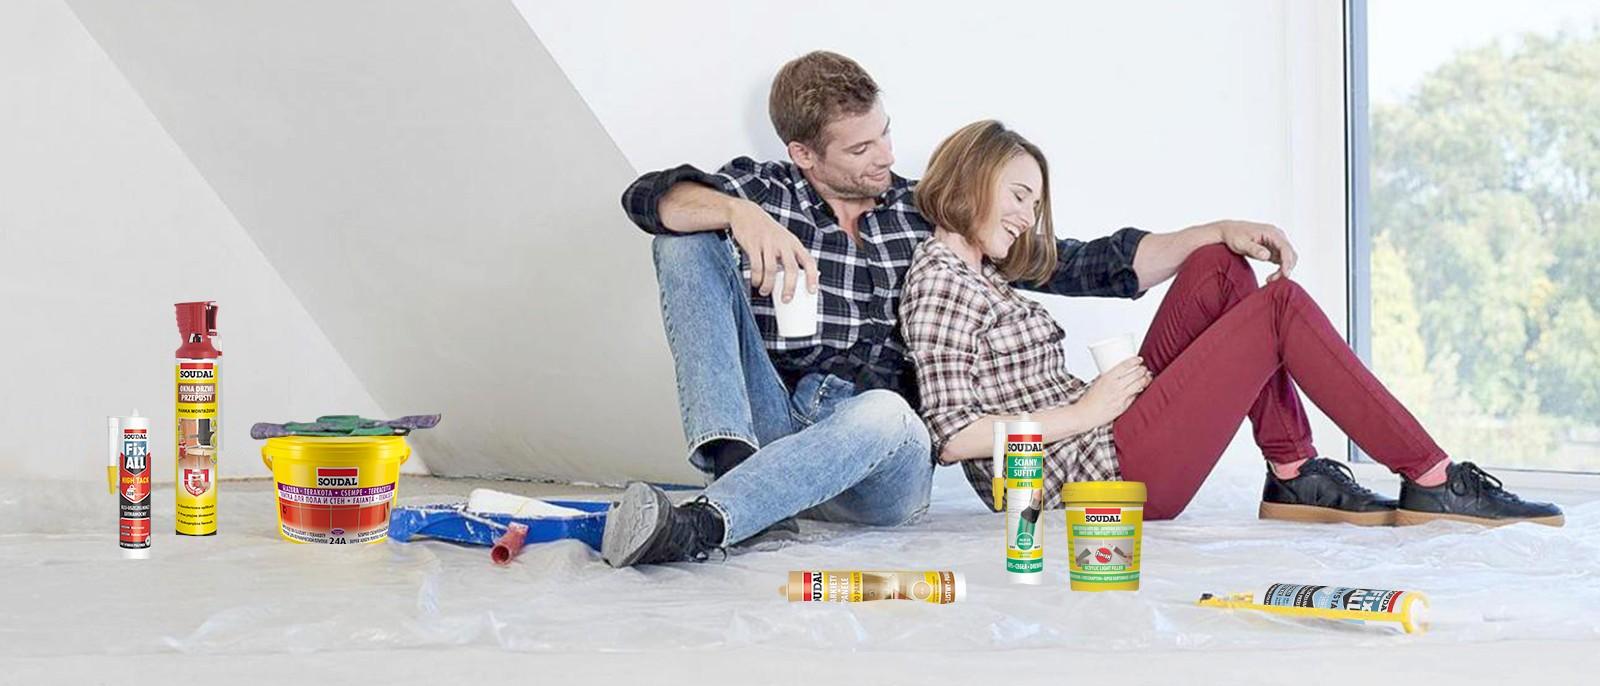 Весенний ремонт в радость – с продуктами Soudal